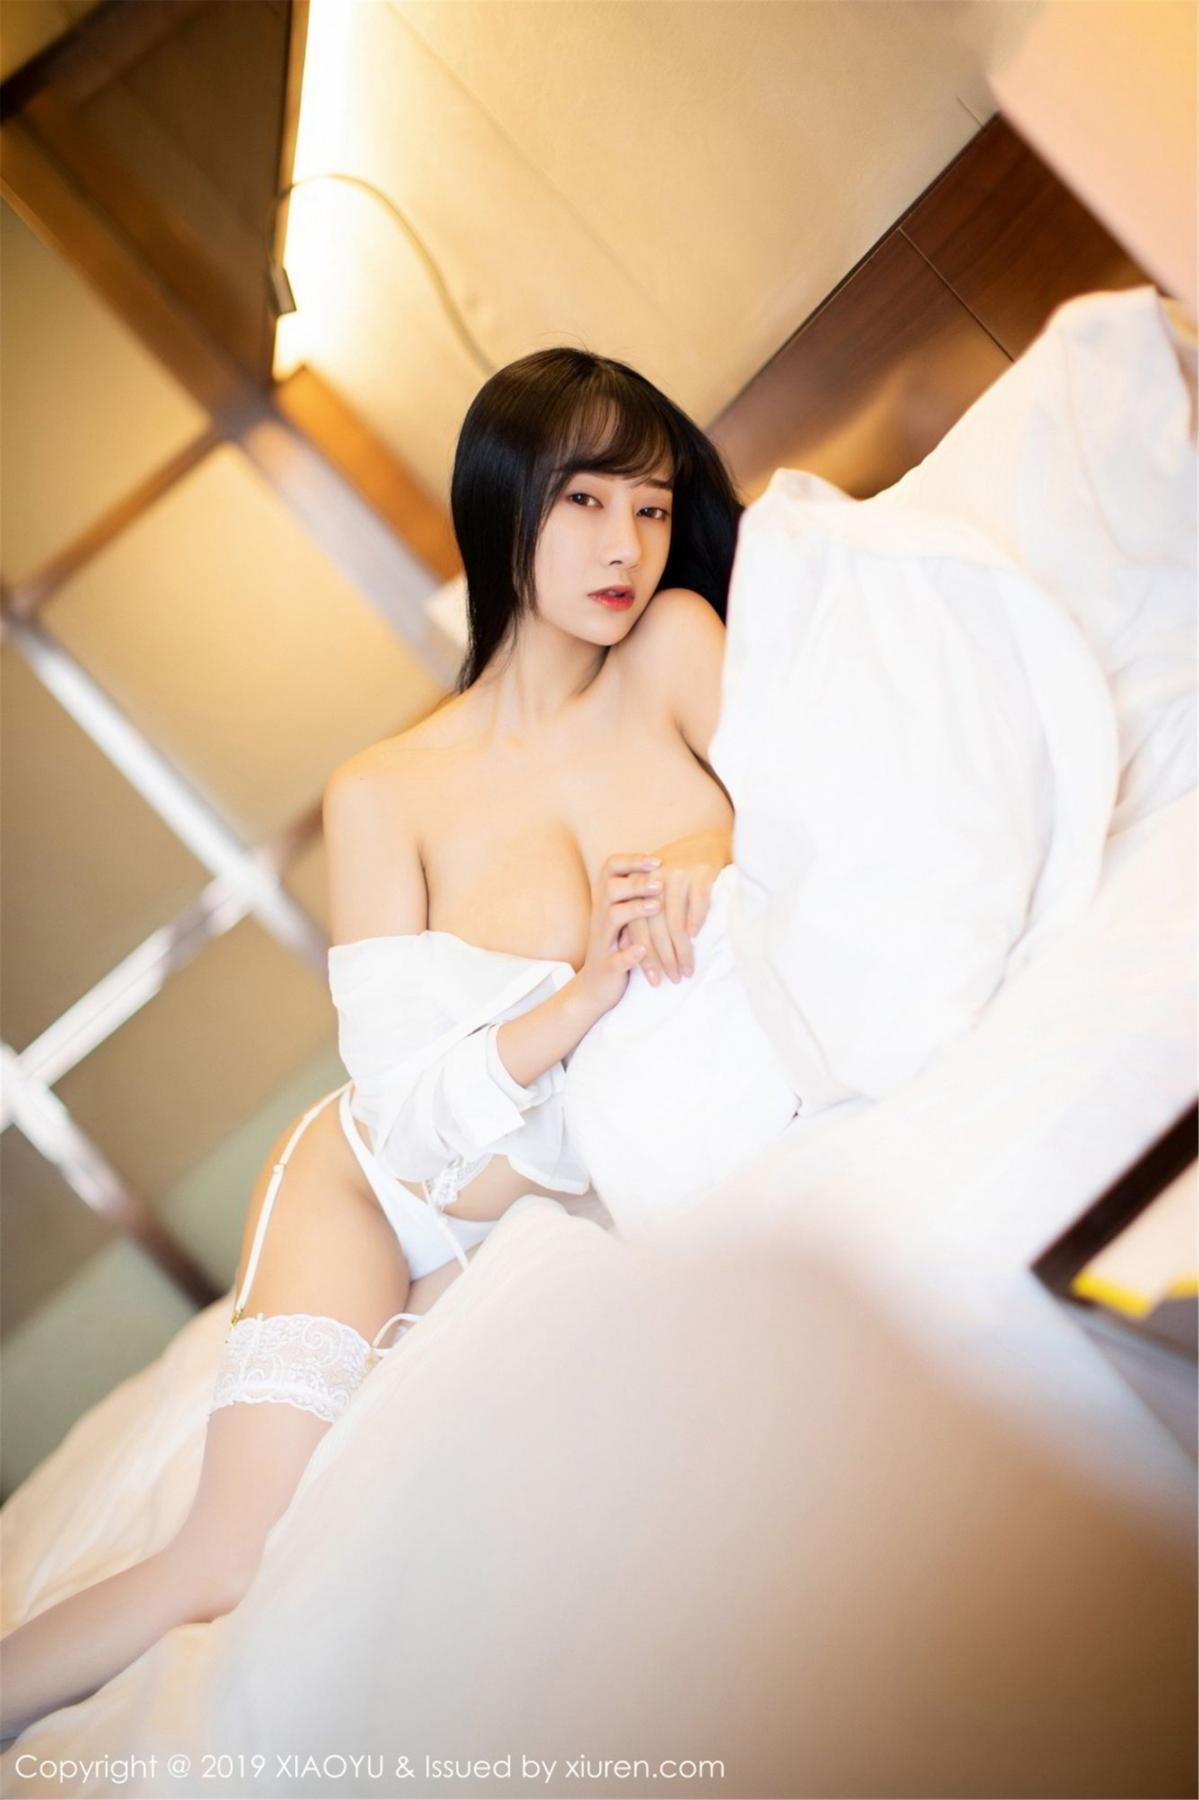 [XiaoYu] Vol.076 He Jia Ying 5P, He Jia Ying, Underwear, XiaoYu